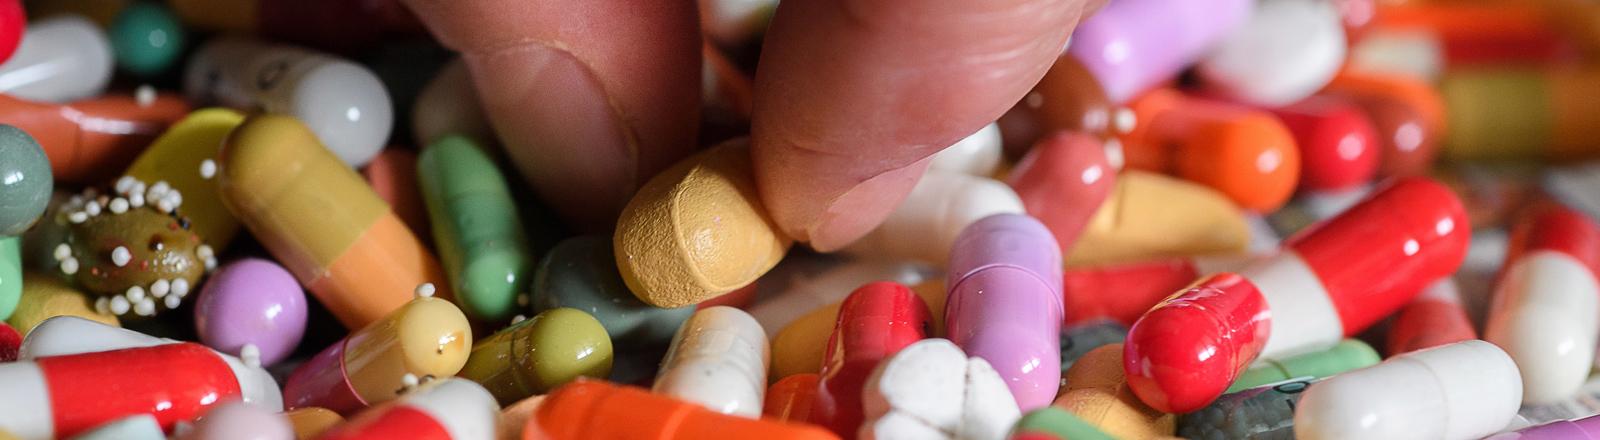 Eine Hand nimmt Tabletten zwischen die Finger